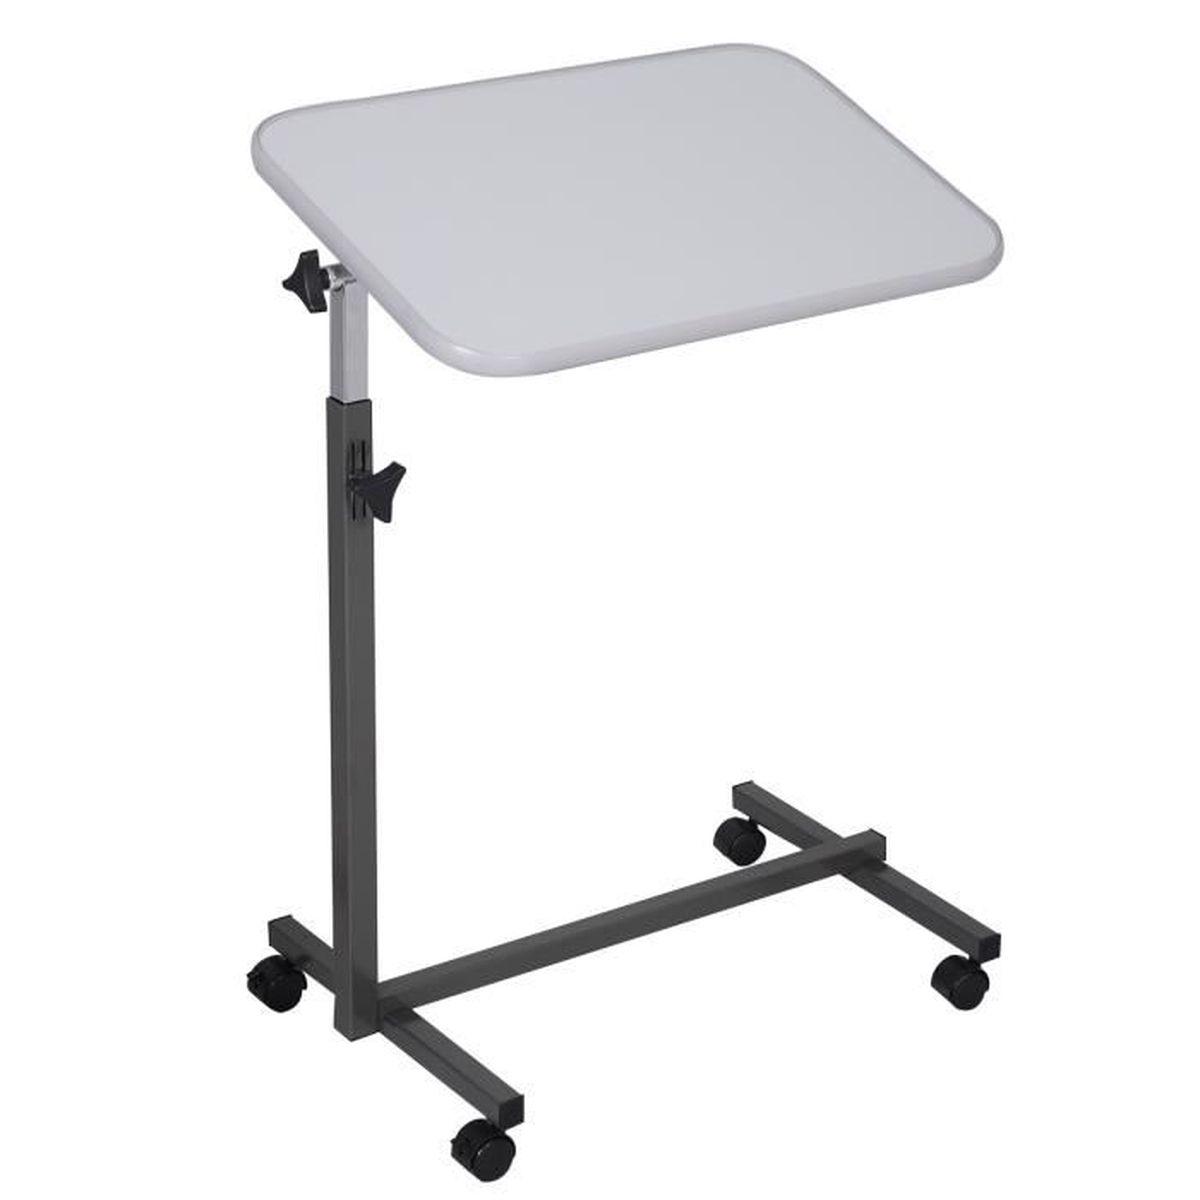 table de lit inclinable pour pc hauteur adjustable prix pas cher cdiscount. Black Bedroom Furniture Sets. Home Design Ideas